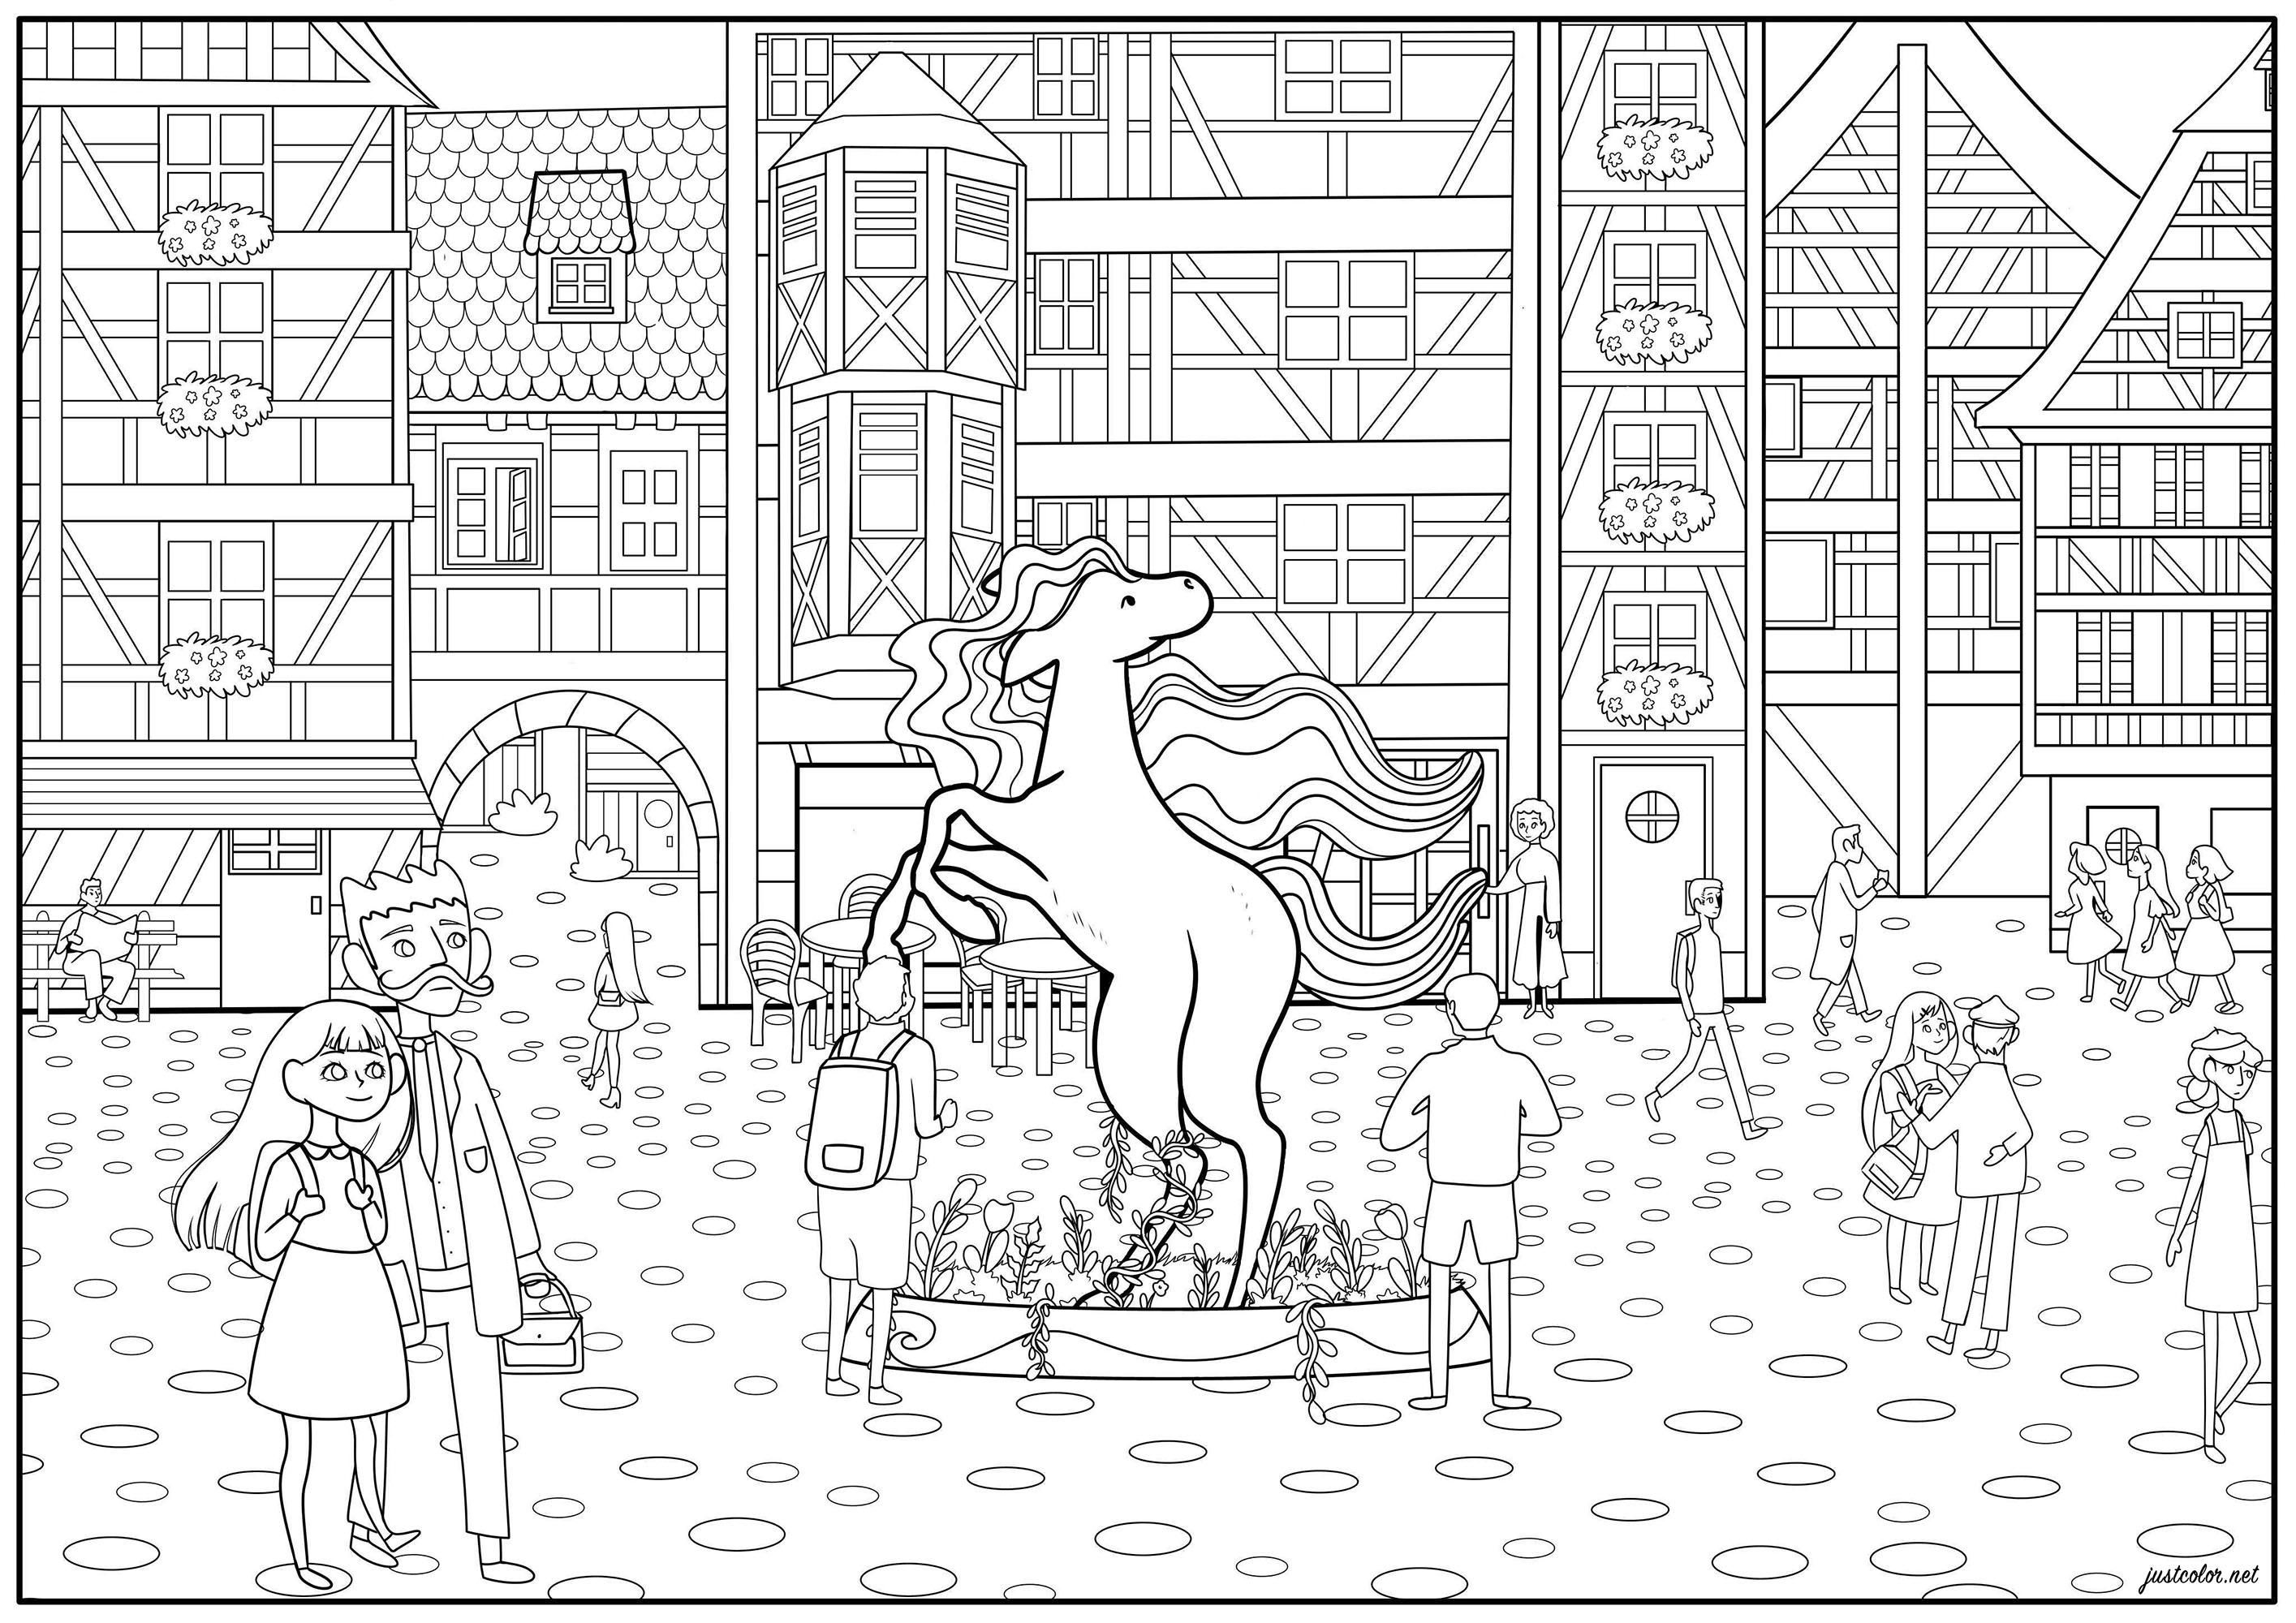 Page à colorier d'un après-midi ensoleillé dans un centre ville aux maisons à colombages, avec une jolie statue de licorne